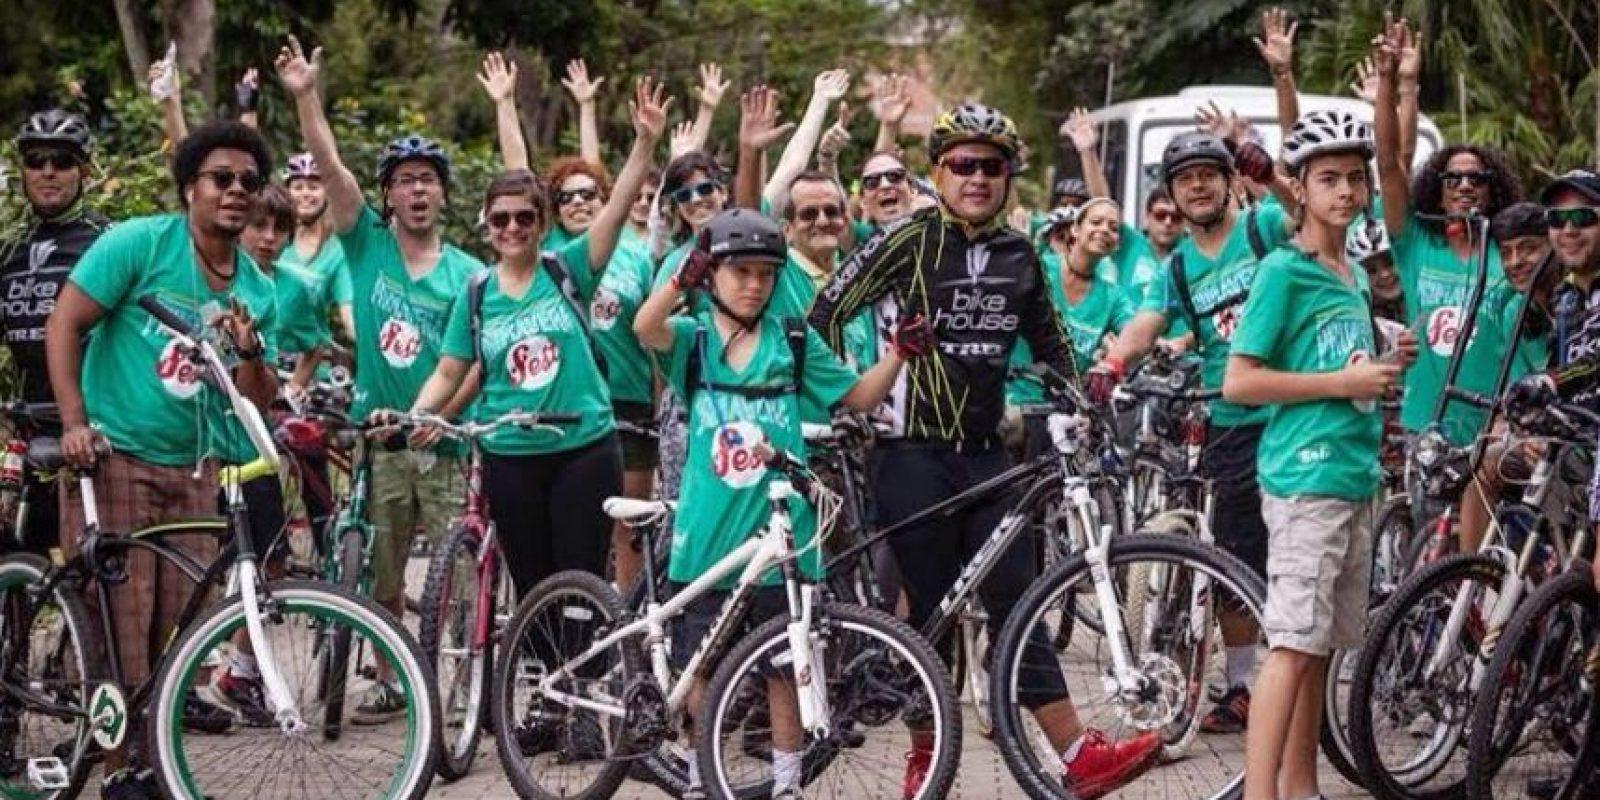 Primavera Fest, un festival en el que podrá encontrar propuestas sostenibles y amigables con el medio ambiente, los participantes son invitados a llegar en bicicletas. Foto:Corterías Primavera Fest 2016.